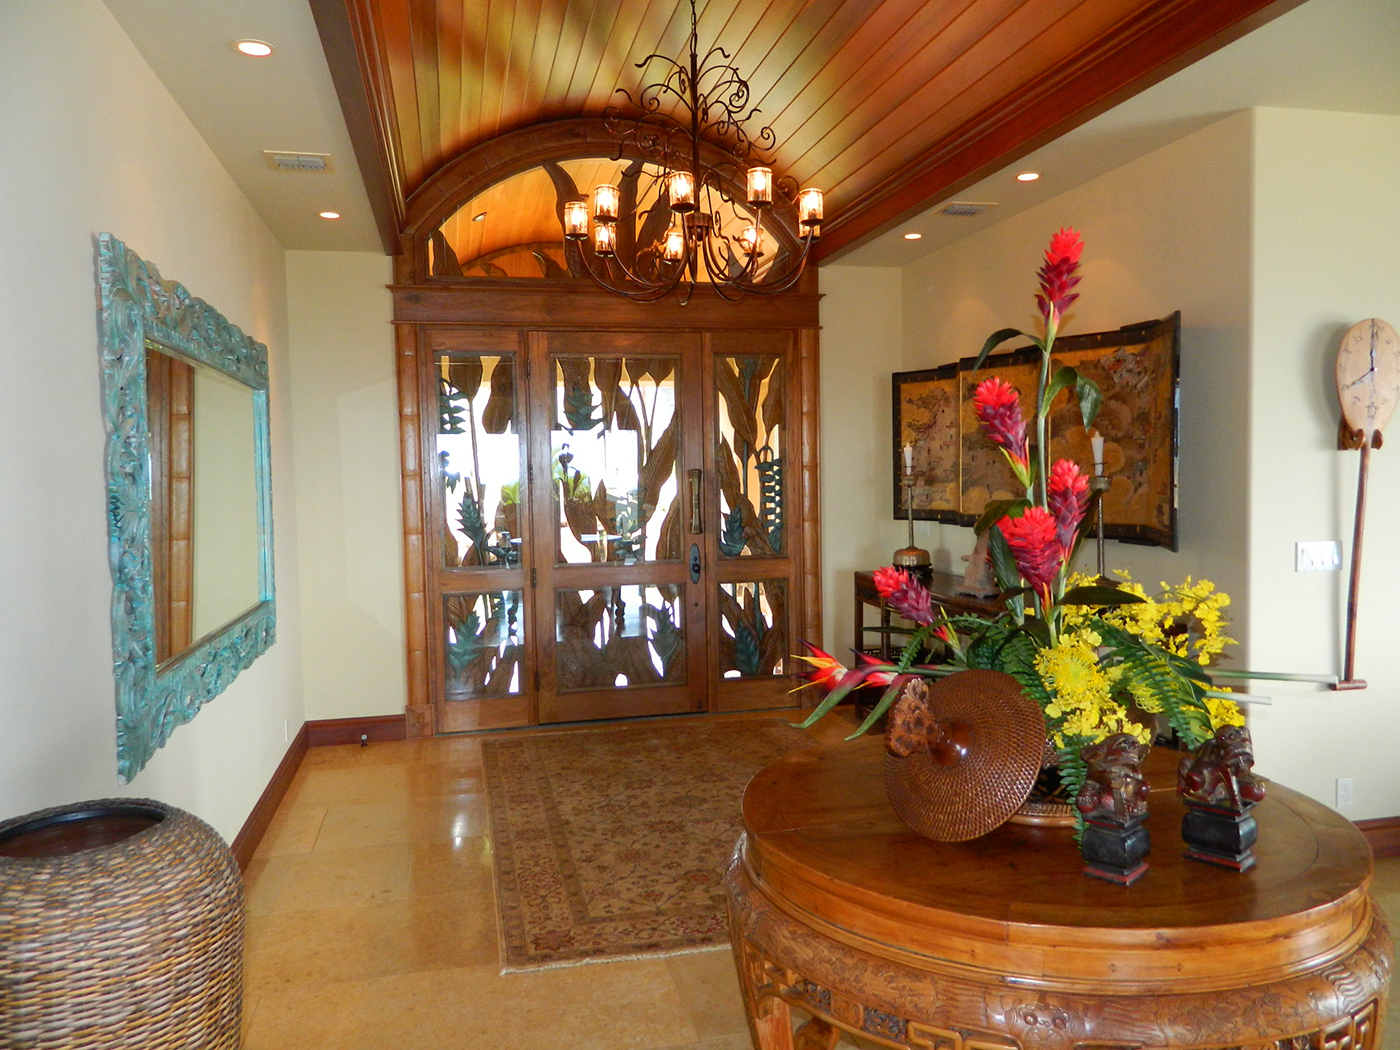 8 MAUI Residence - Entry.JPG